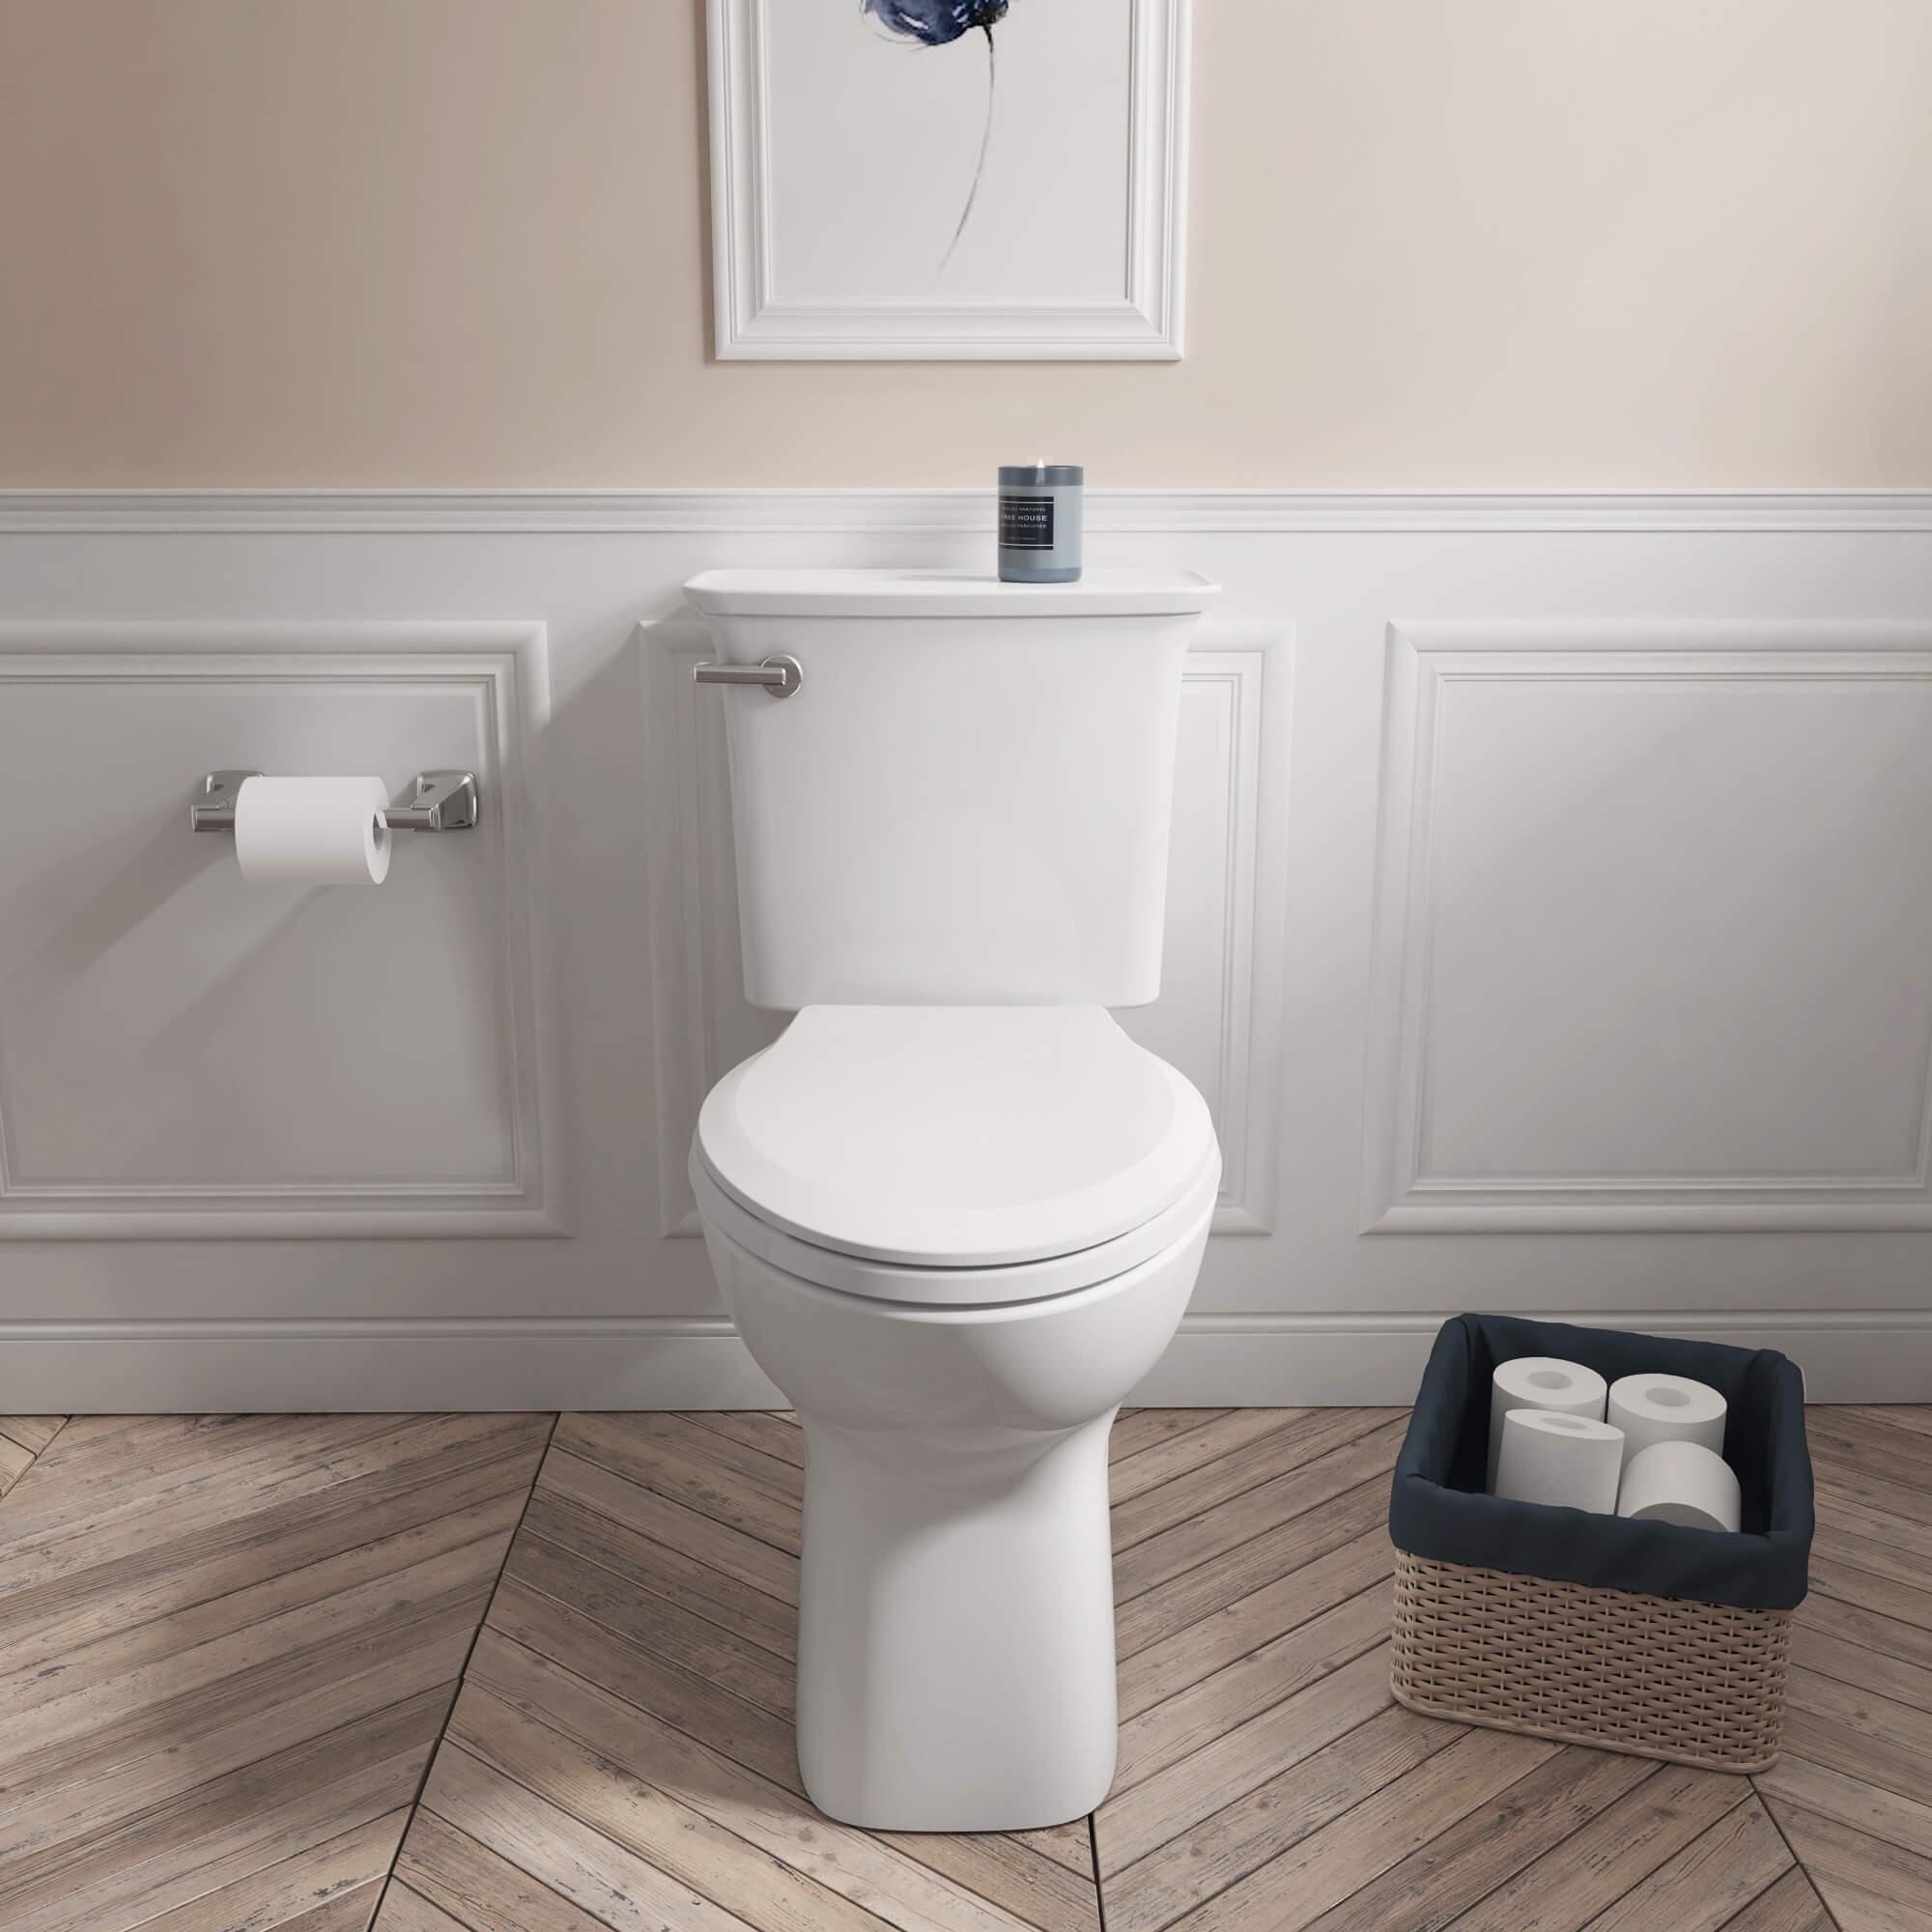 Cadet Ovation Toilet